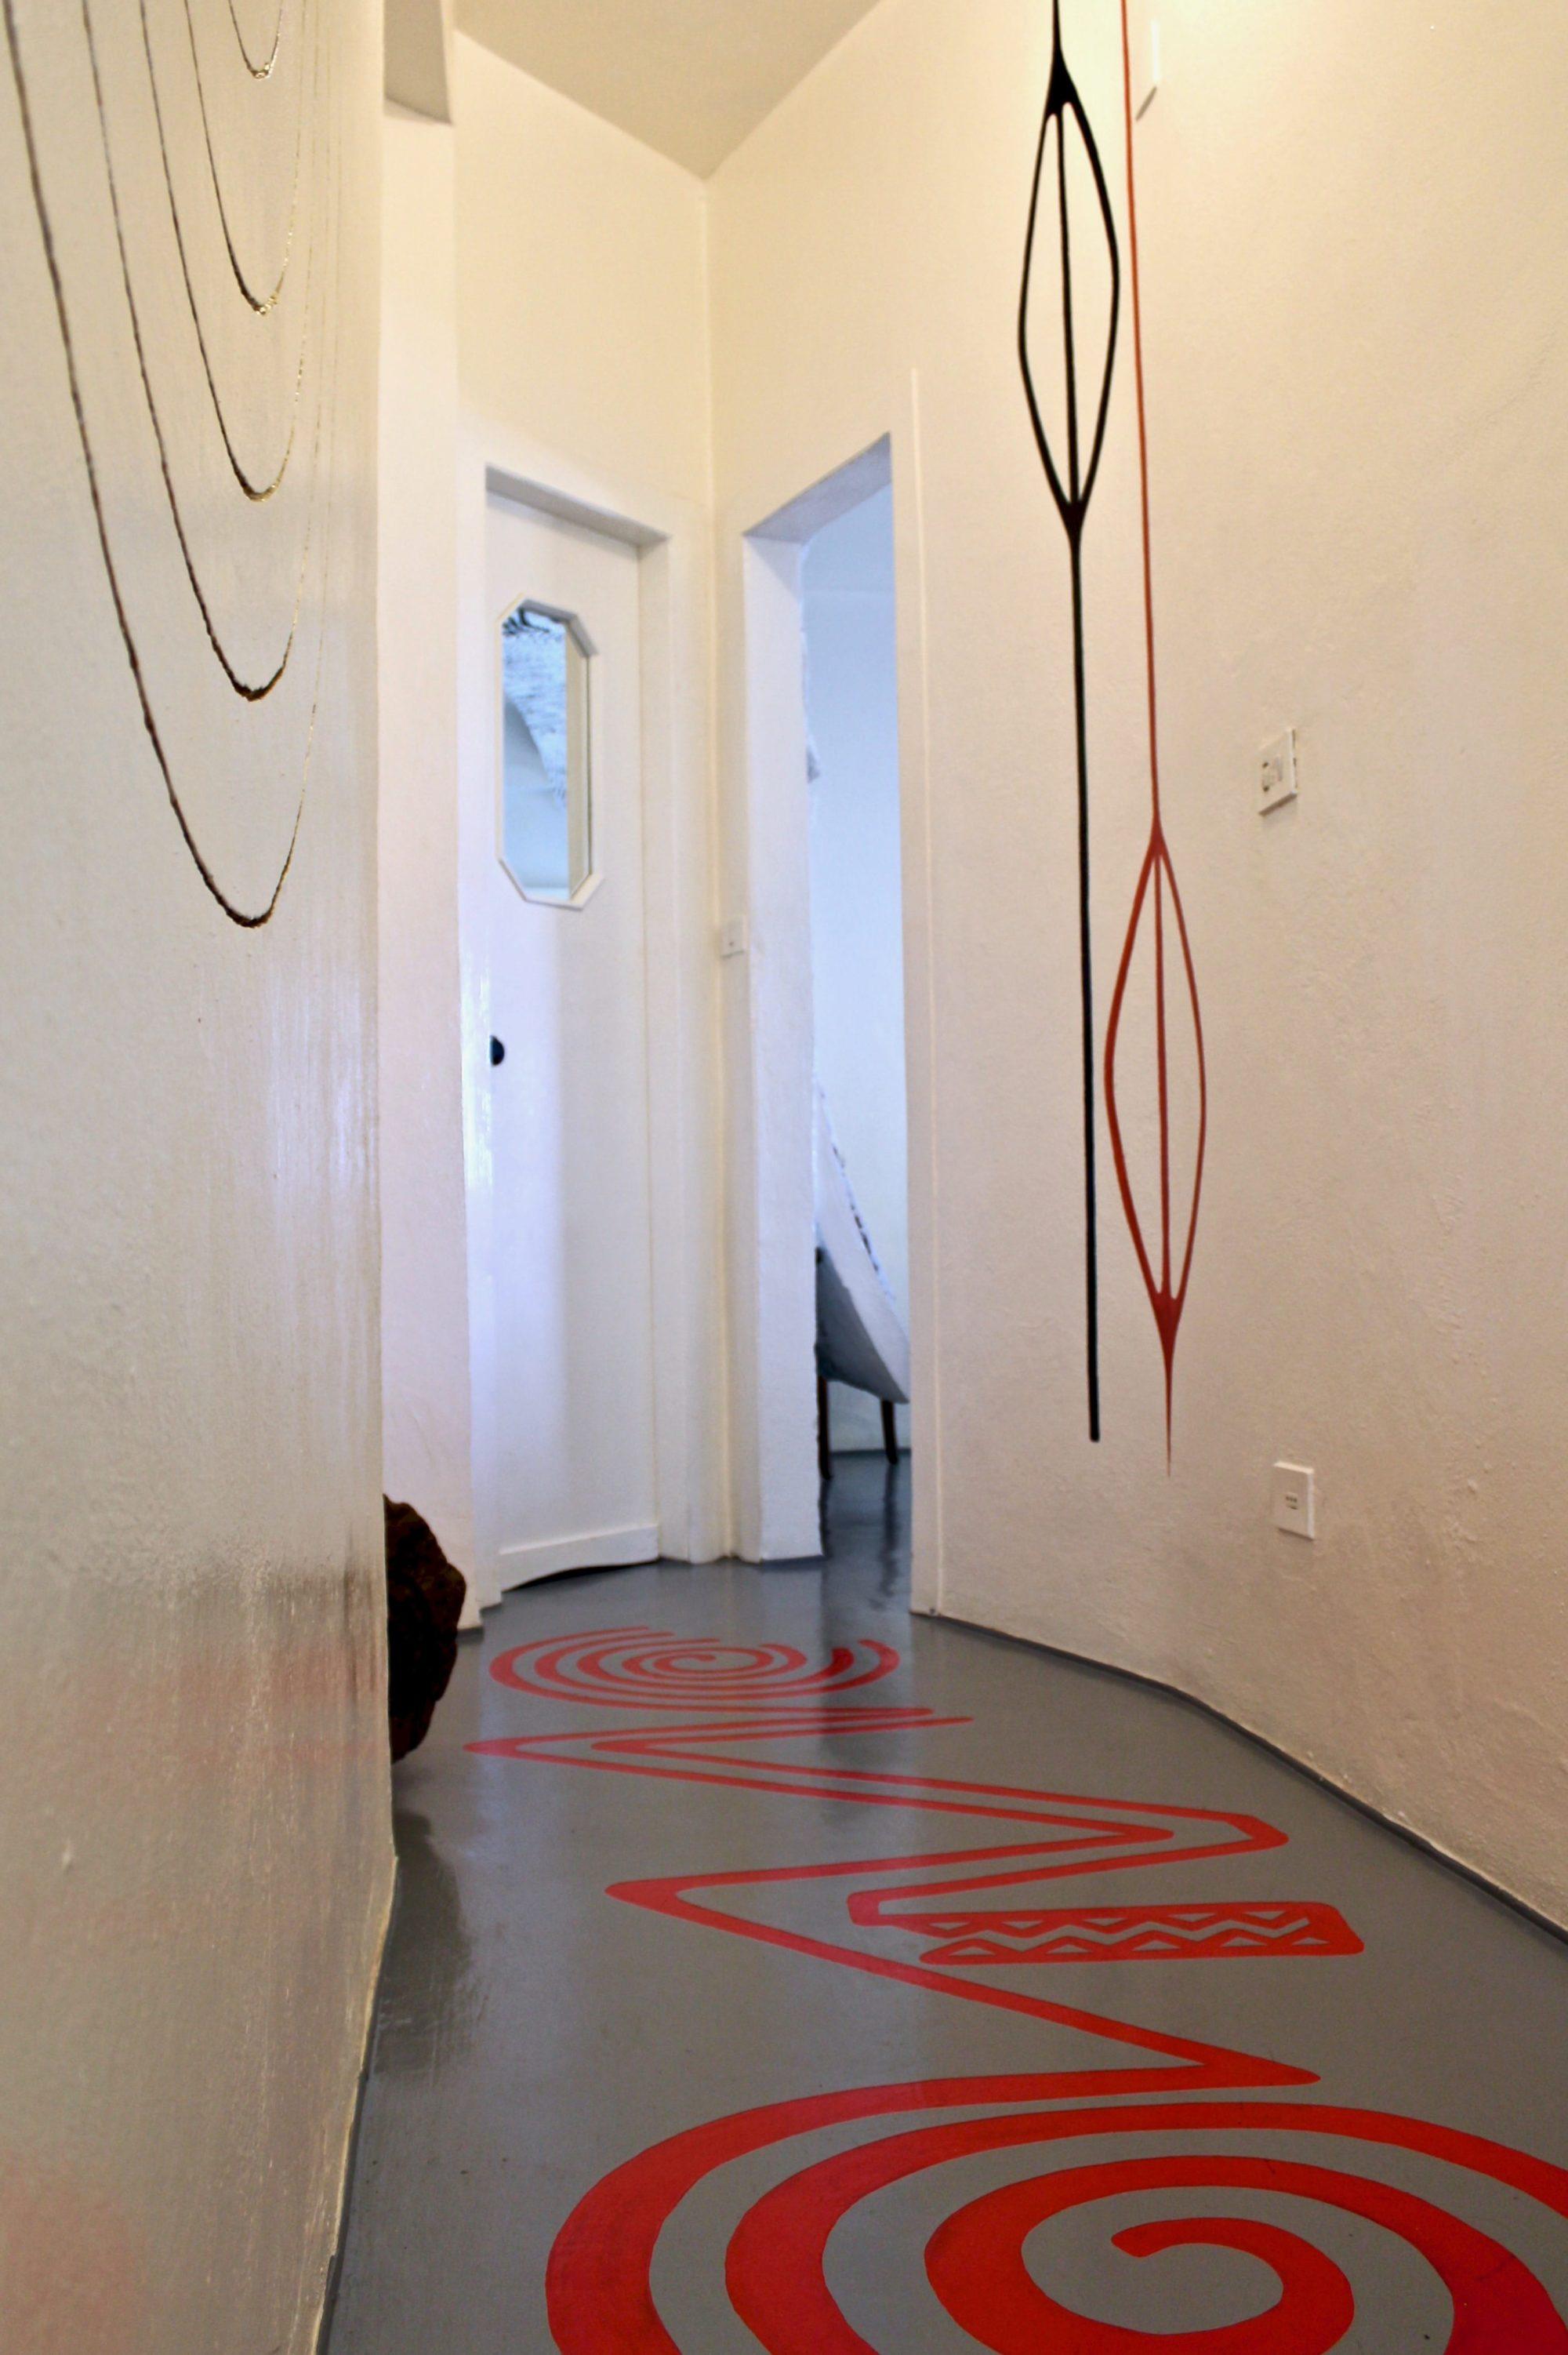 IMG 1932 e1537721890525 ART HOTEL ATELIER SUL MARE